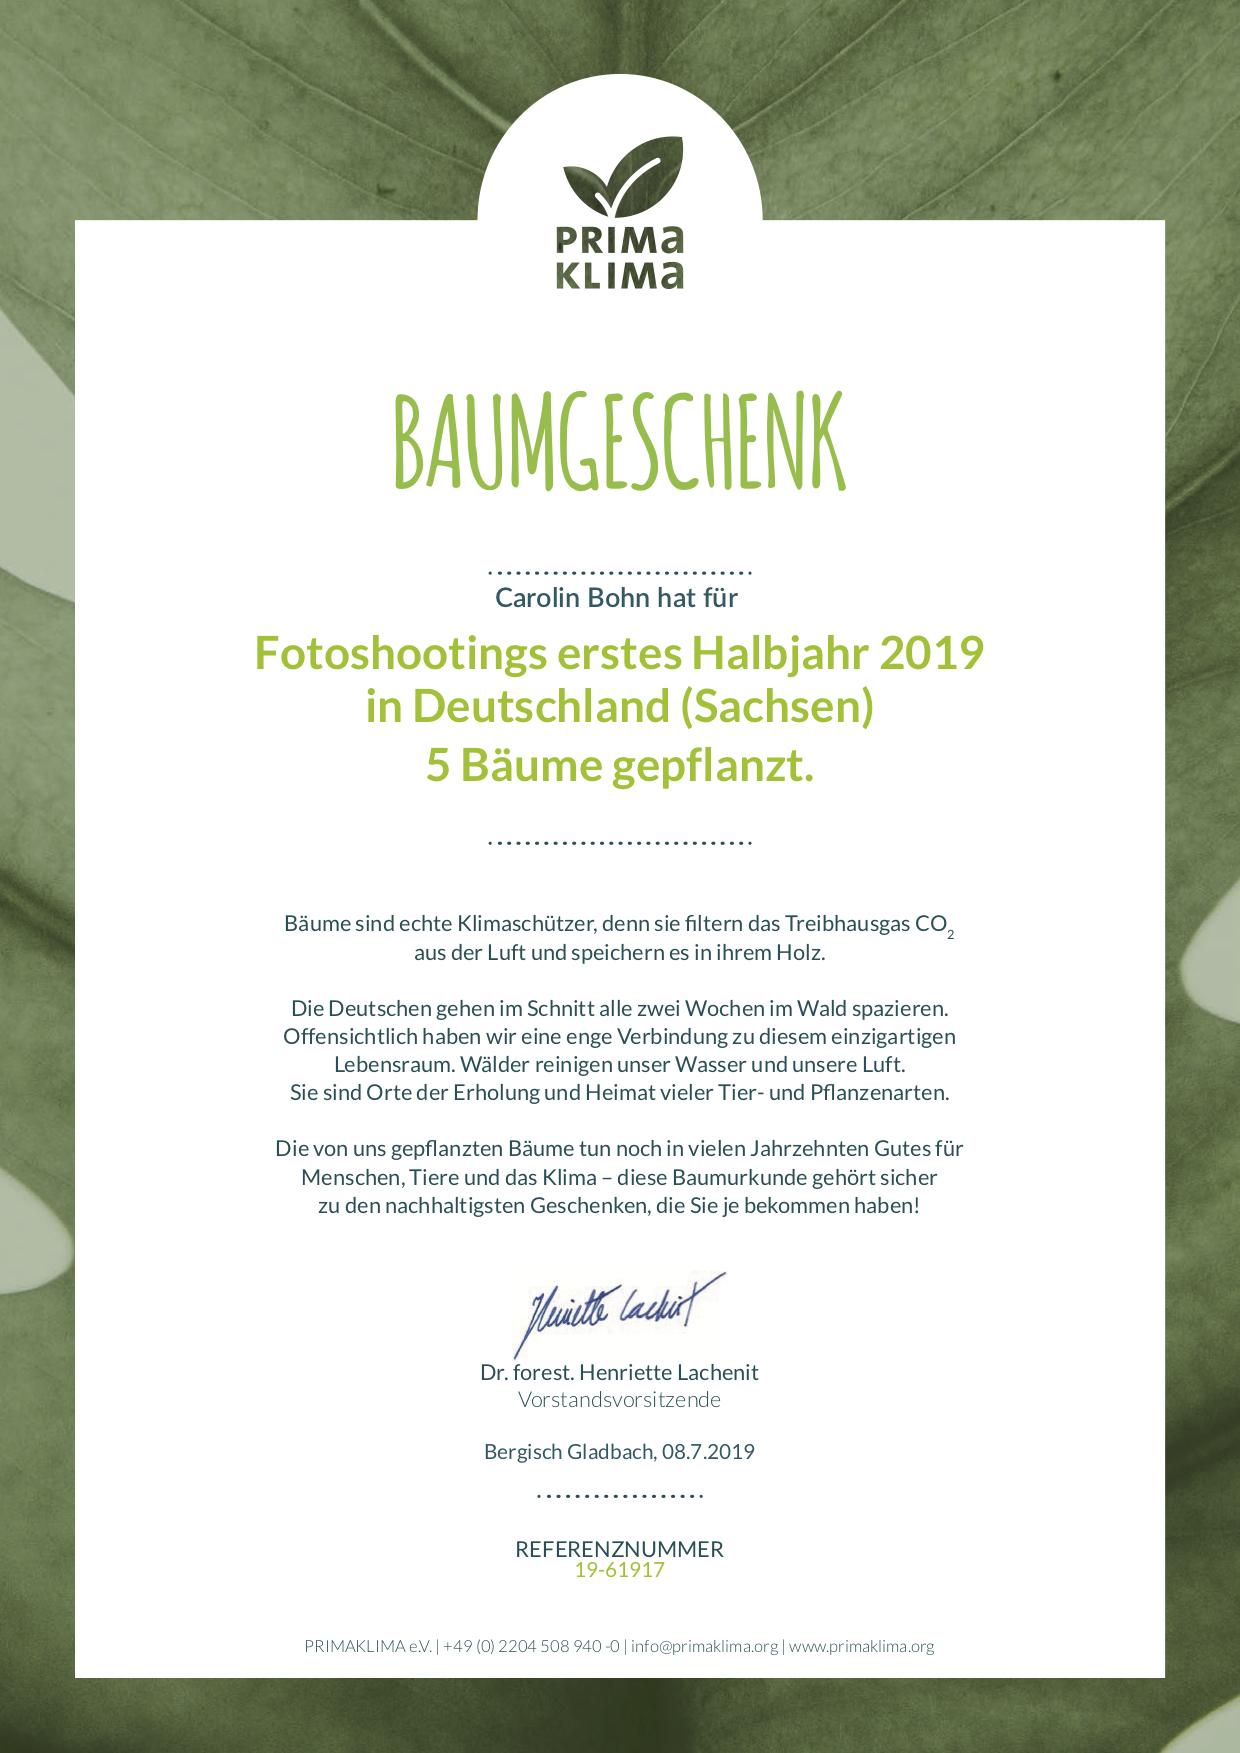 Urkunde Spende erstes Halbjahr 2019 an PRIMAKLIMA e.V.